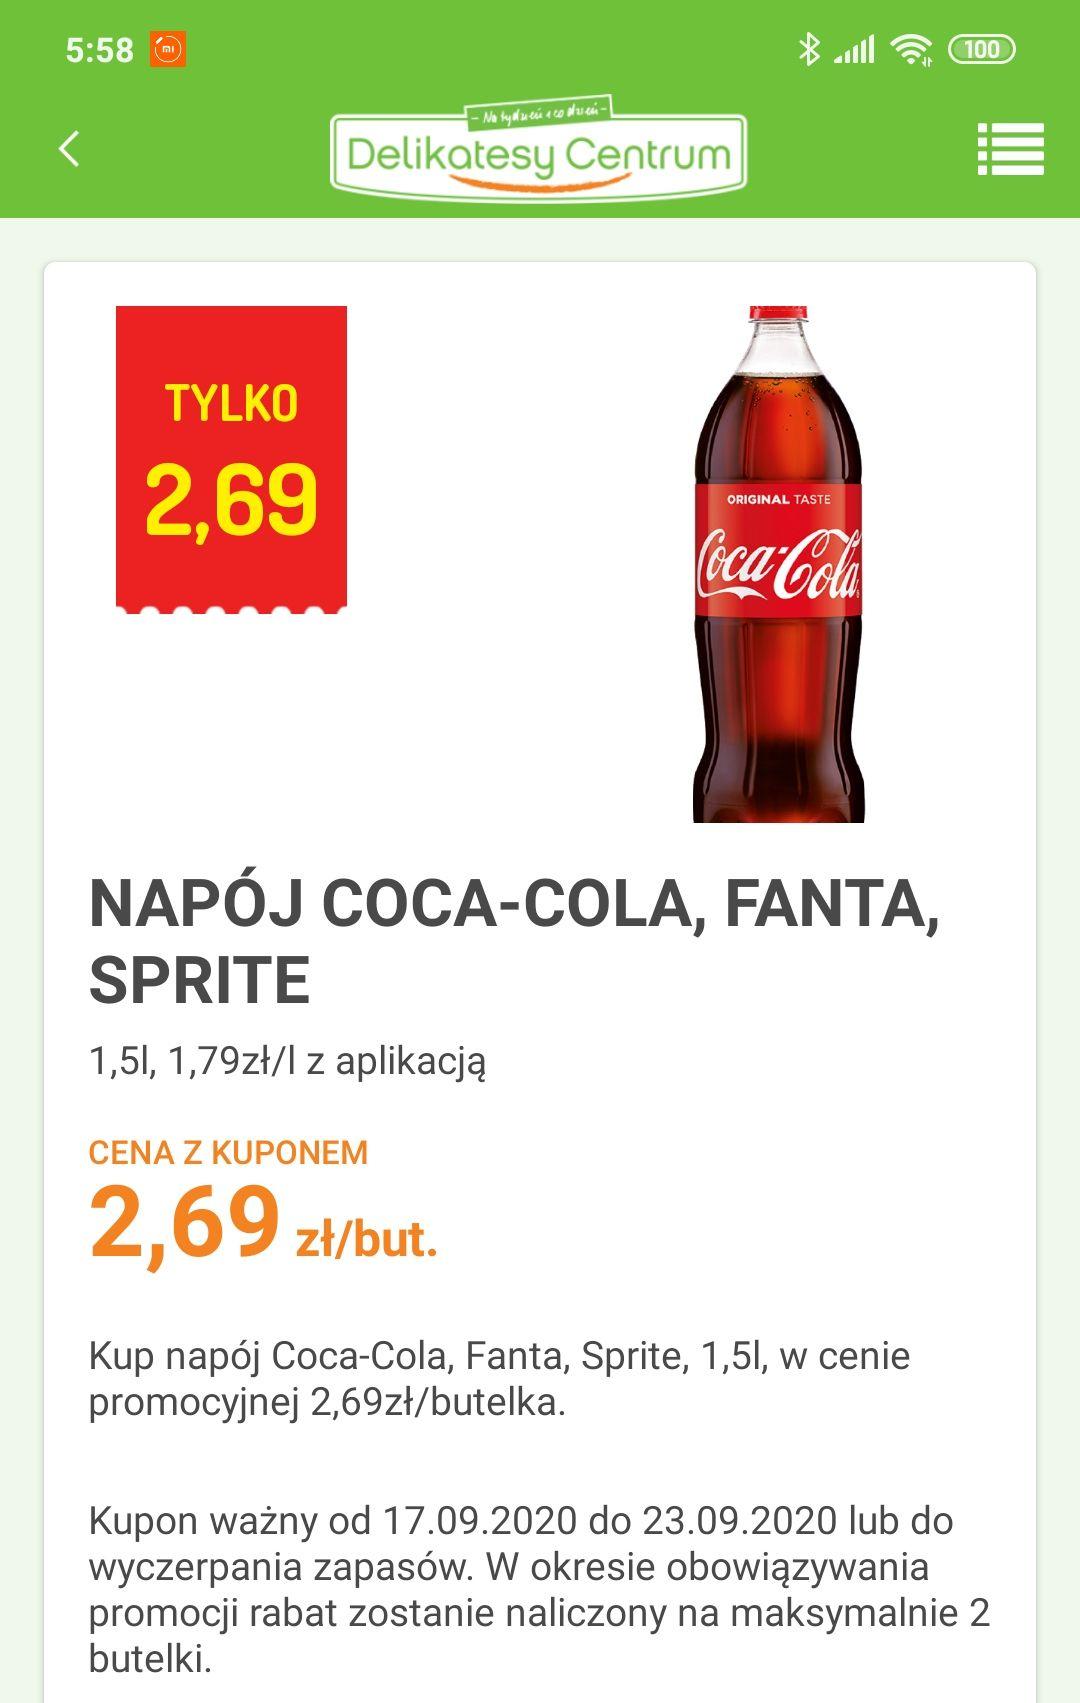 Coca-Cola, Fanta, Sprite 1,5L delikatesy centrum